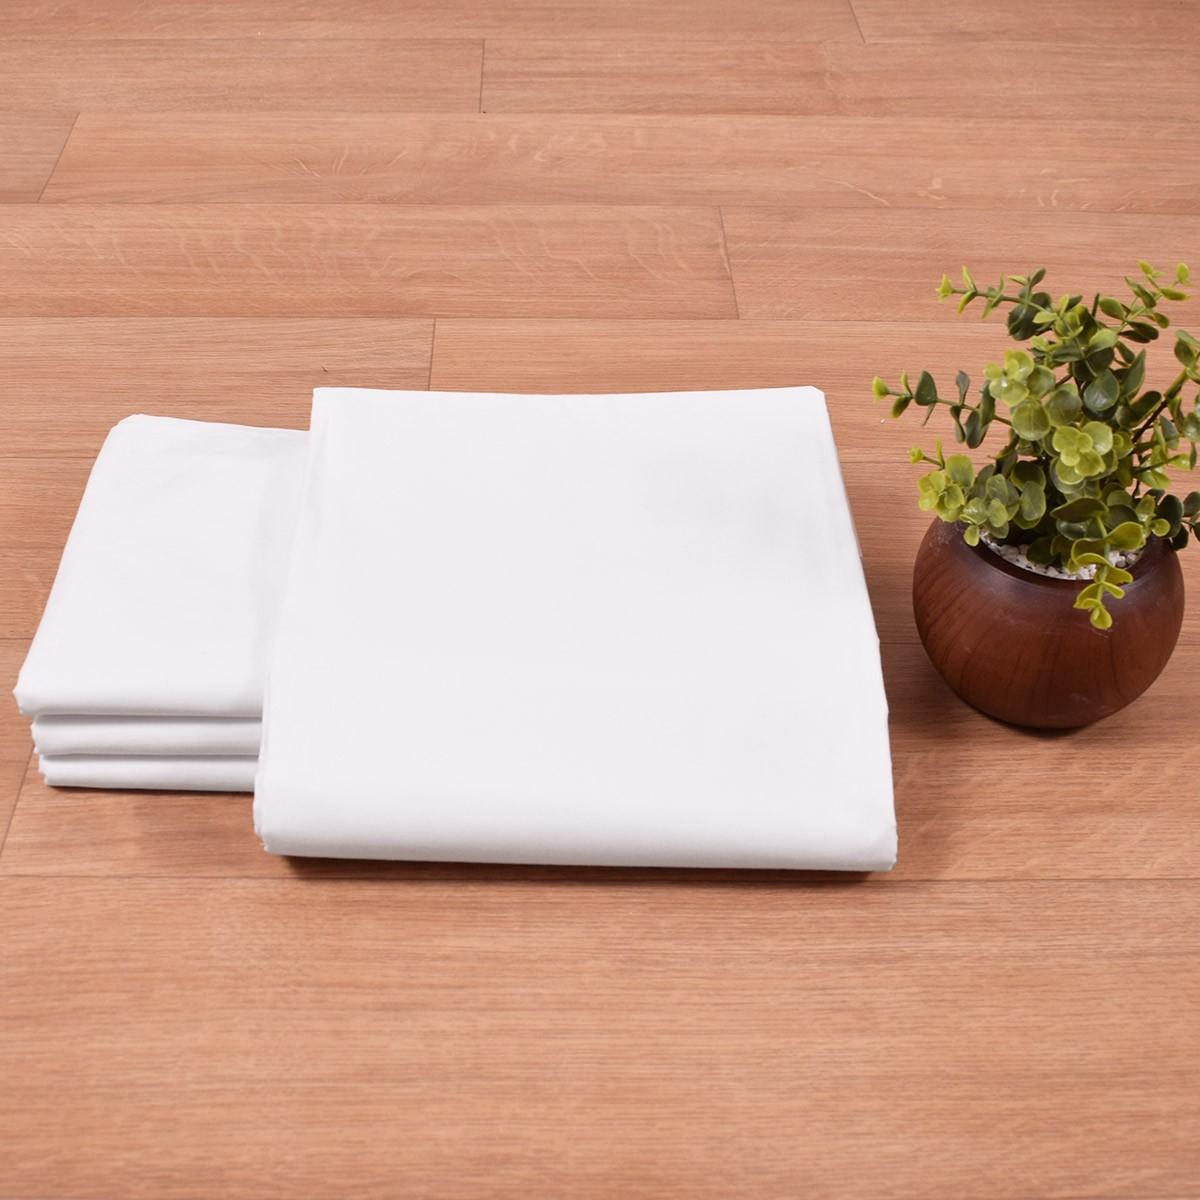 Σεντόνι (170x280) 60%Βαμβάκι 40%Polyester T220 home   επαγγελματικός εξοπλισμός   ξενοδοχειακός εξοπλισμός   σεντόνια ξενοδοχεί